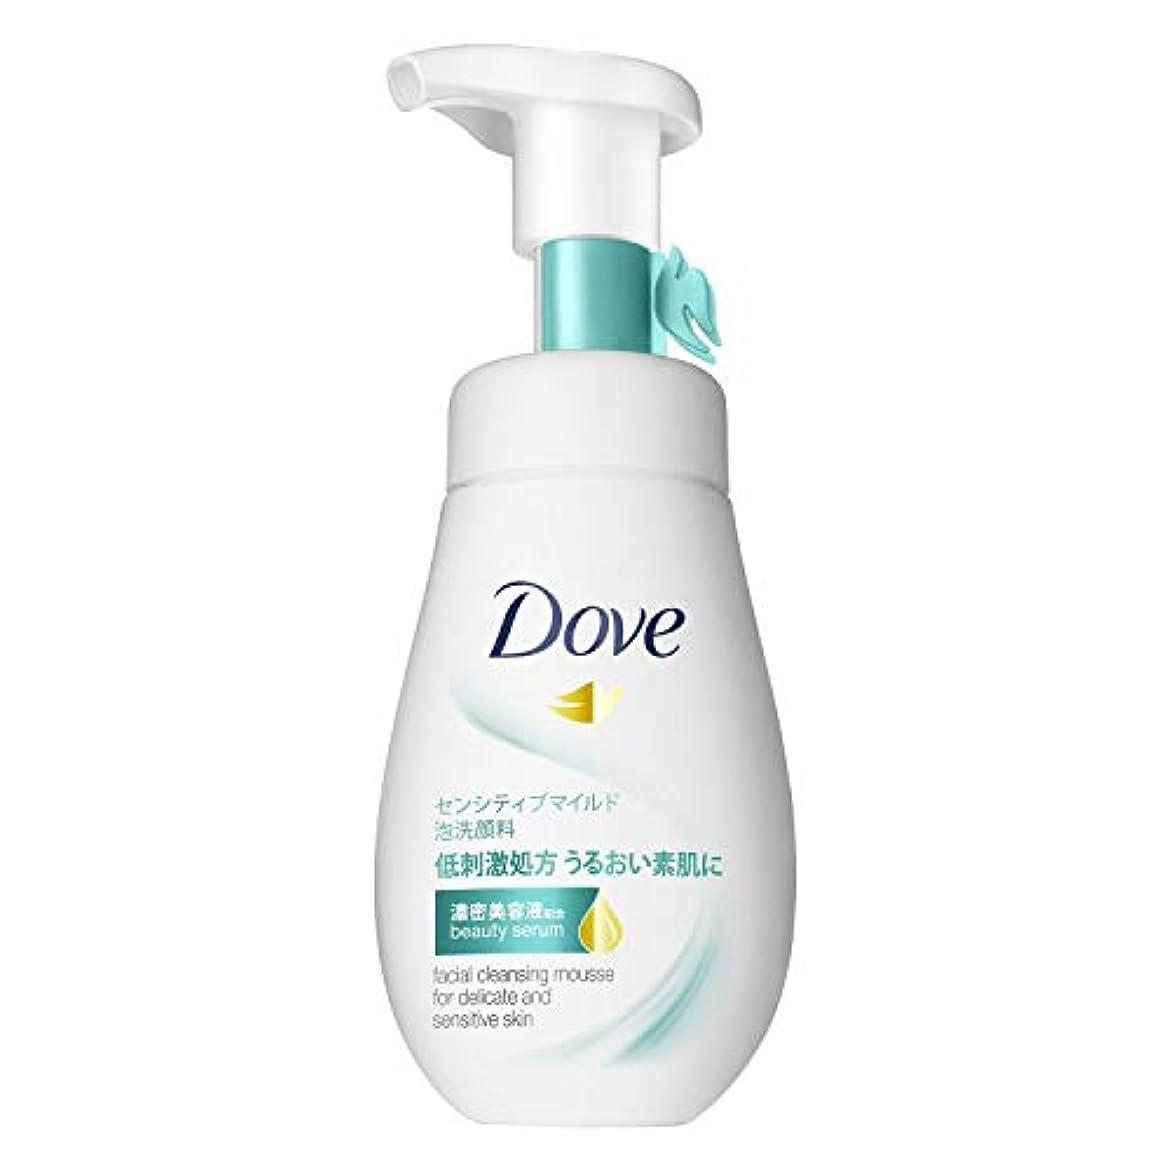 ダヴ センシティブマイルド クリーミー泡洗顔料 敏感肌用 160mL